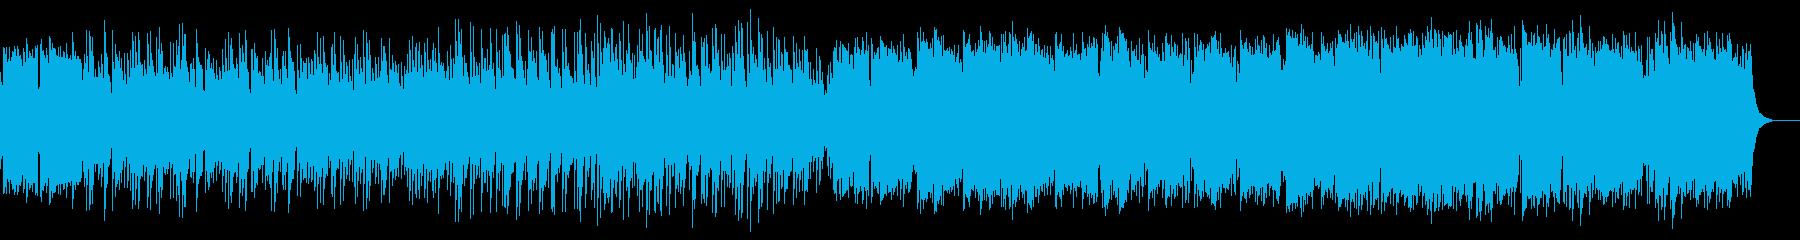 しっとりとして懐かしいピアノ中心の楽曲の再生済みの波形